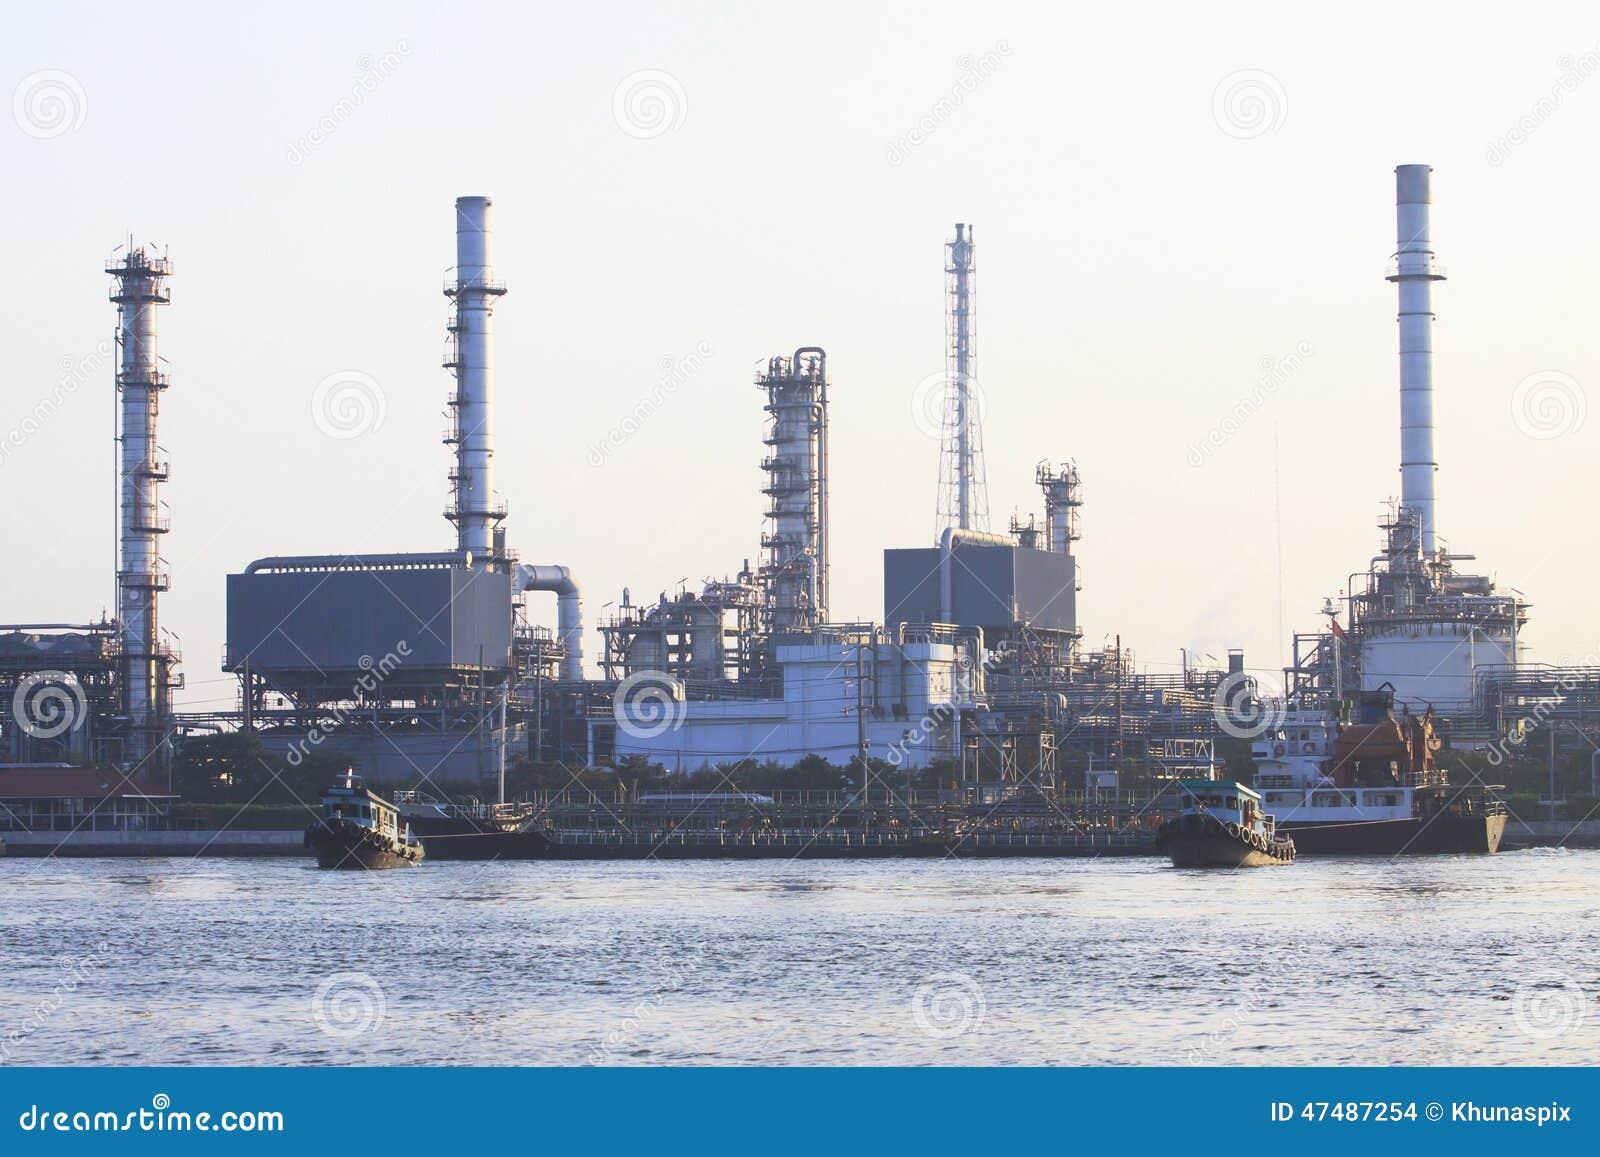 oil-refinery-plant-river-morning-light-4